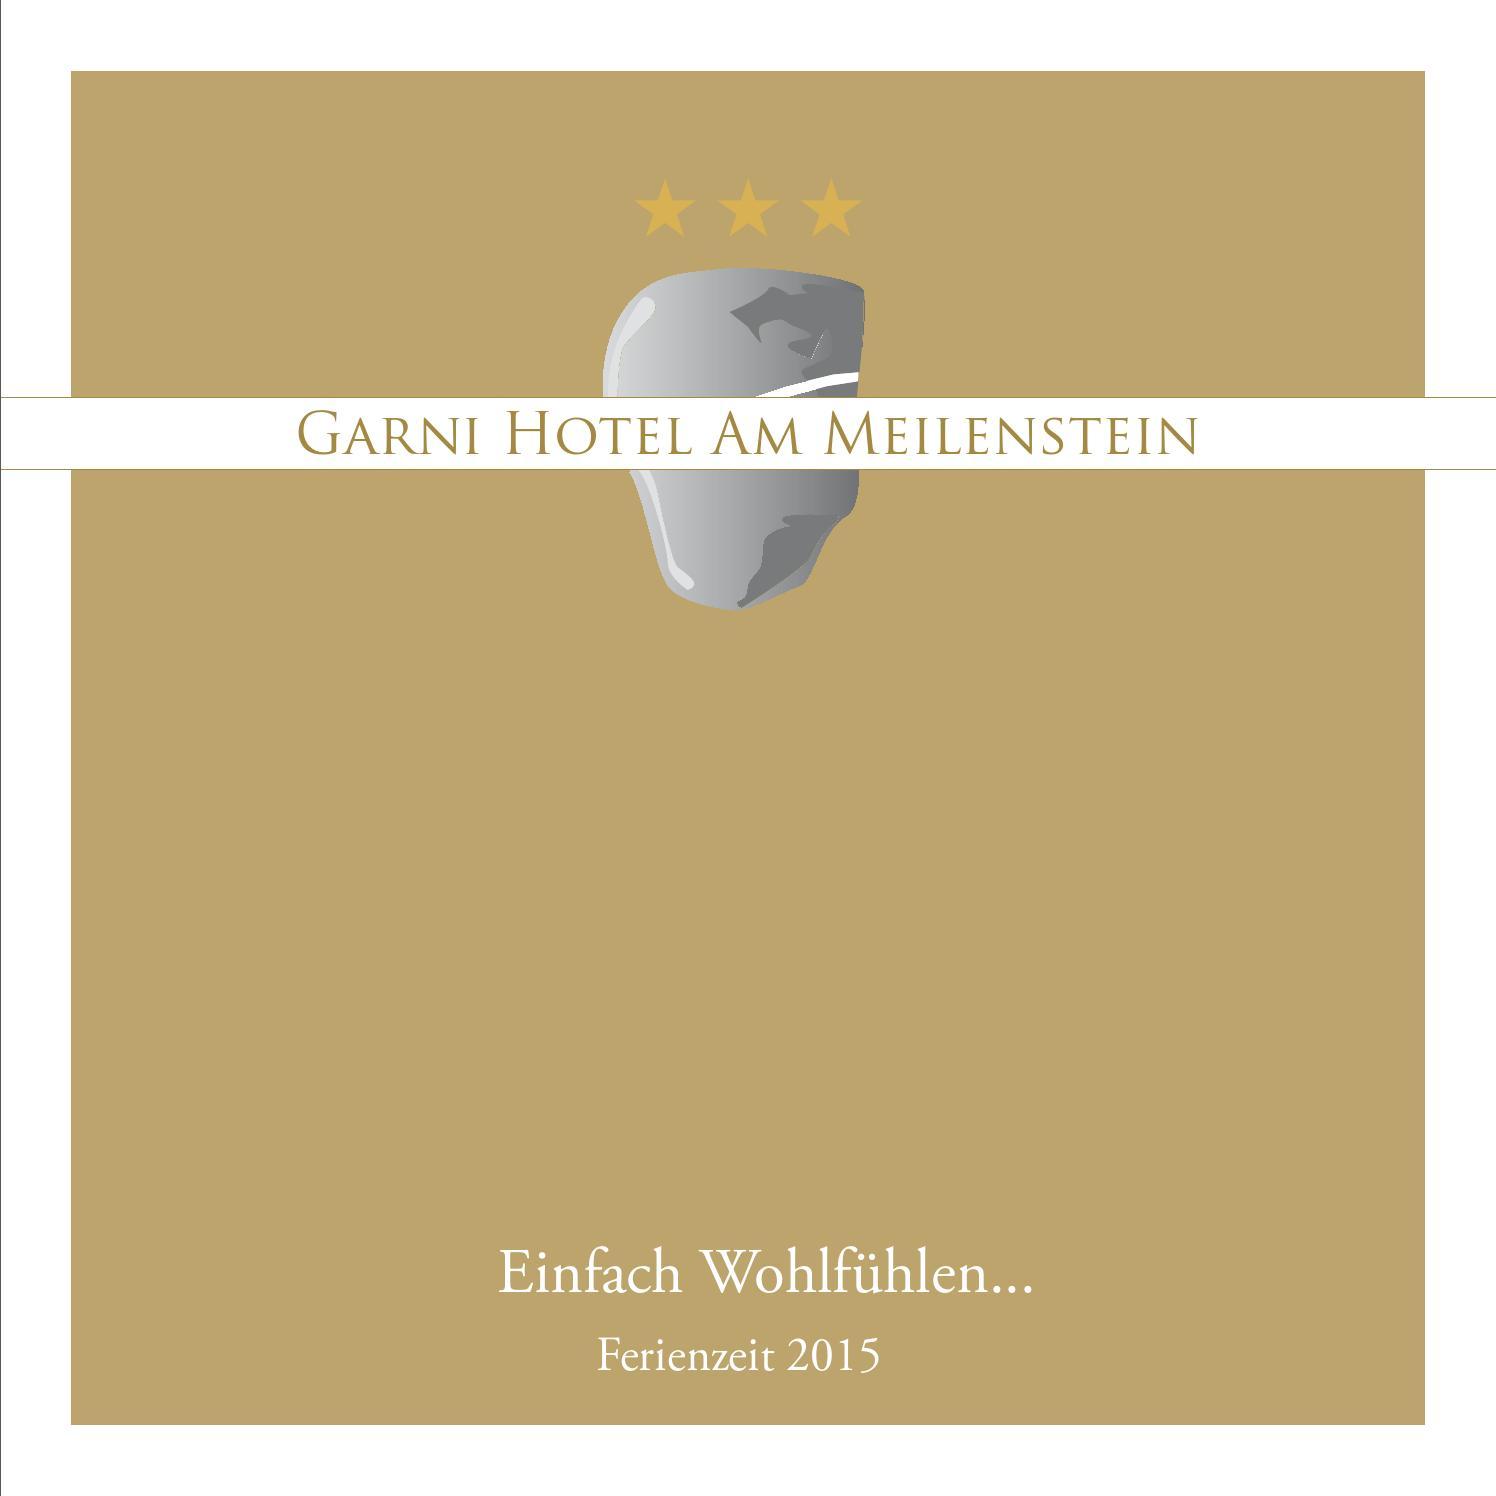 Ferienzeit 2015 Garni Hotel Am Meilenstein By Zeppelin Group Issuu